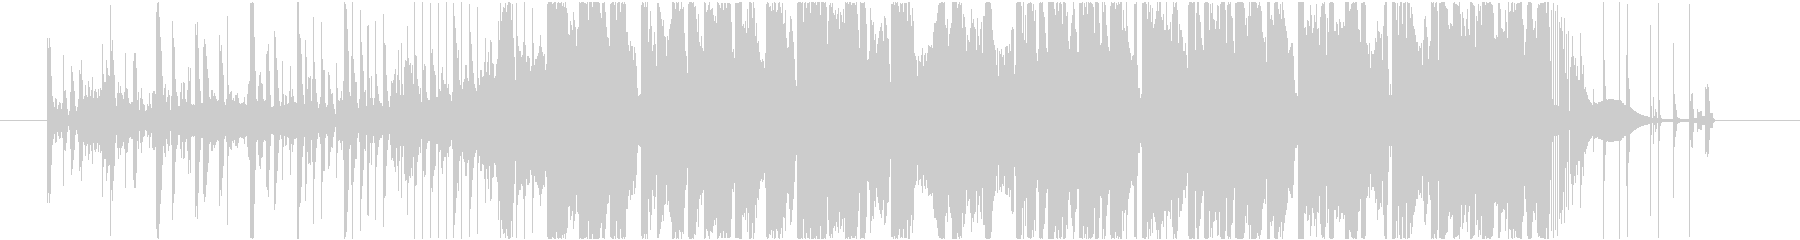 トラップ ヒップホップ アクティブ...の未再生の波形